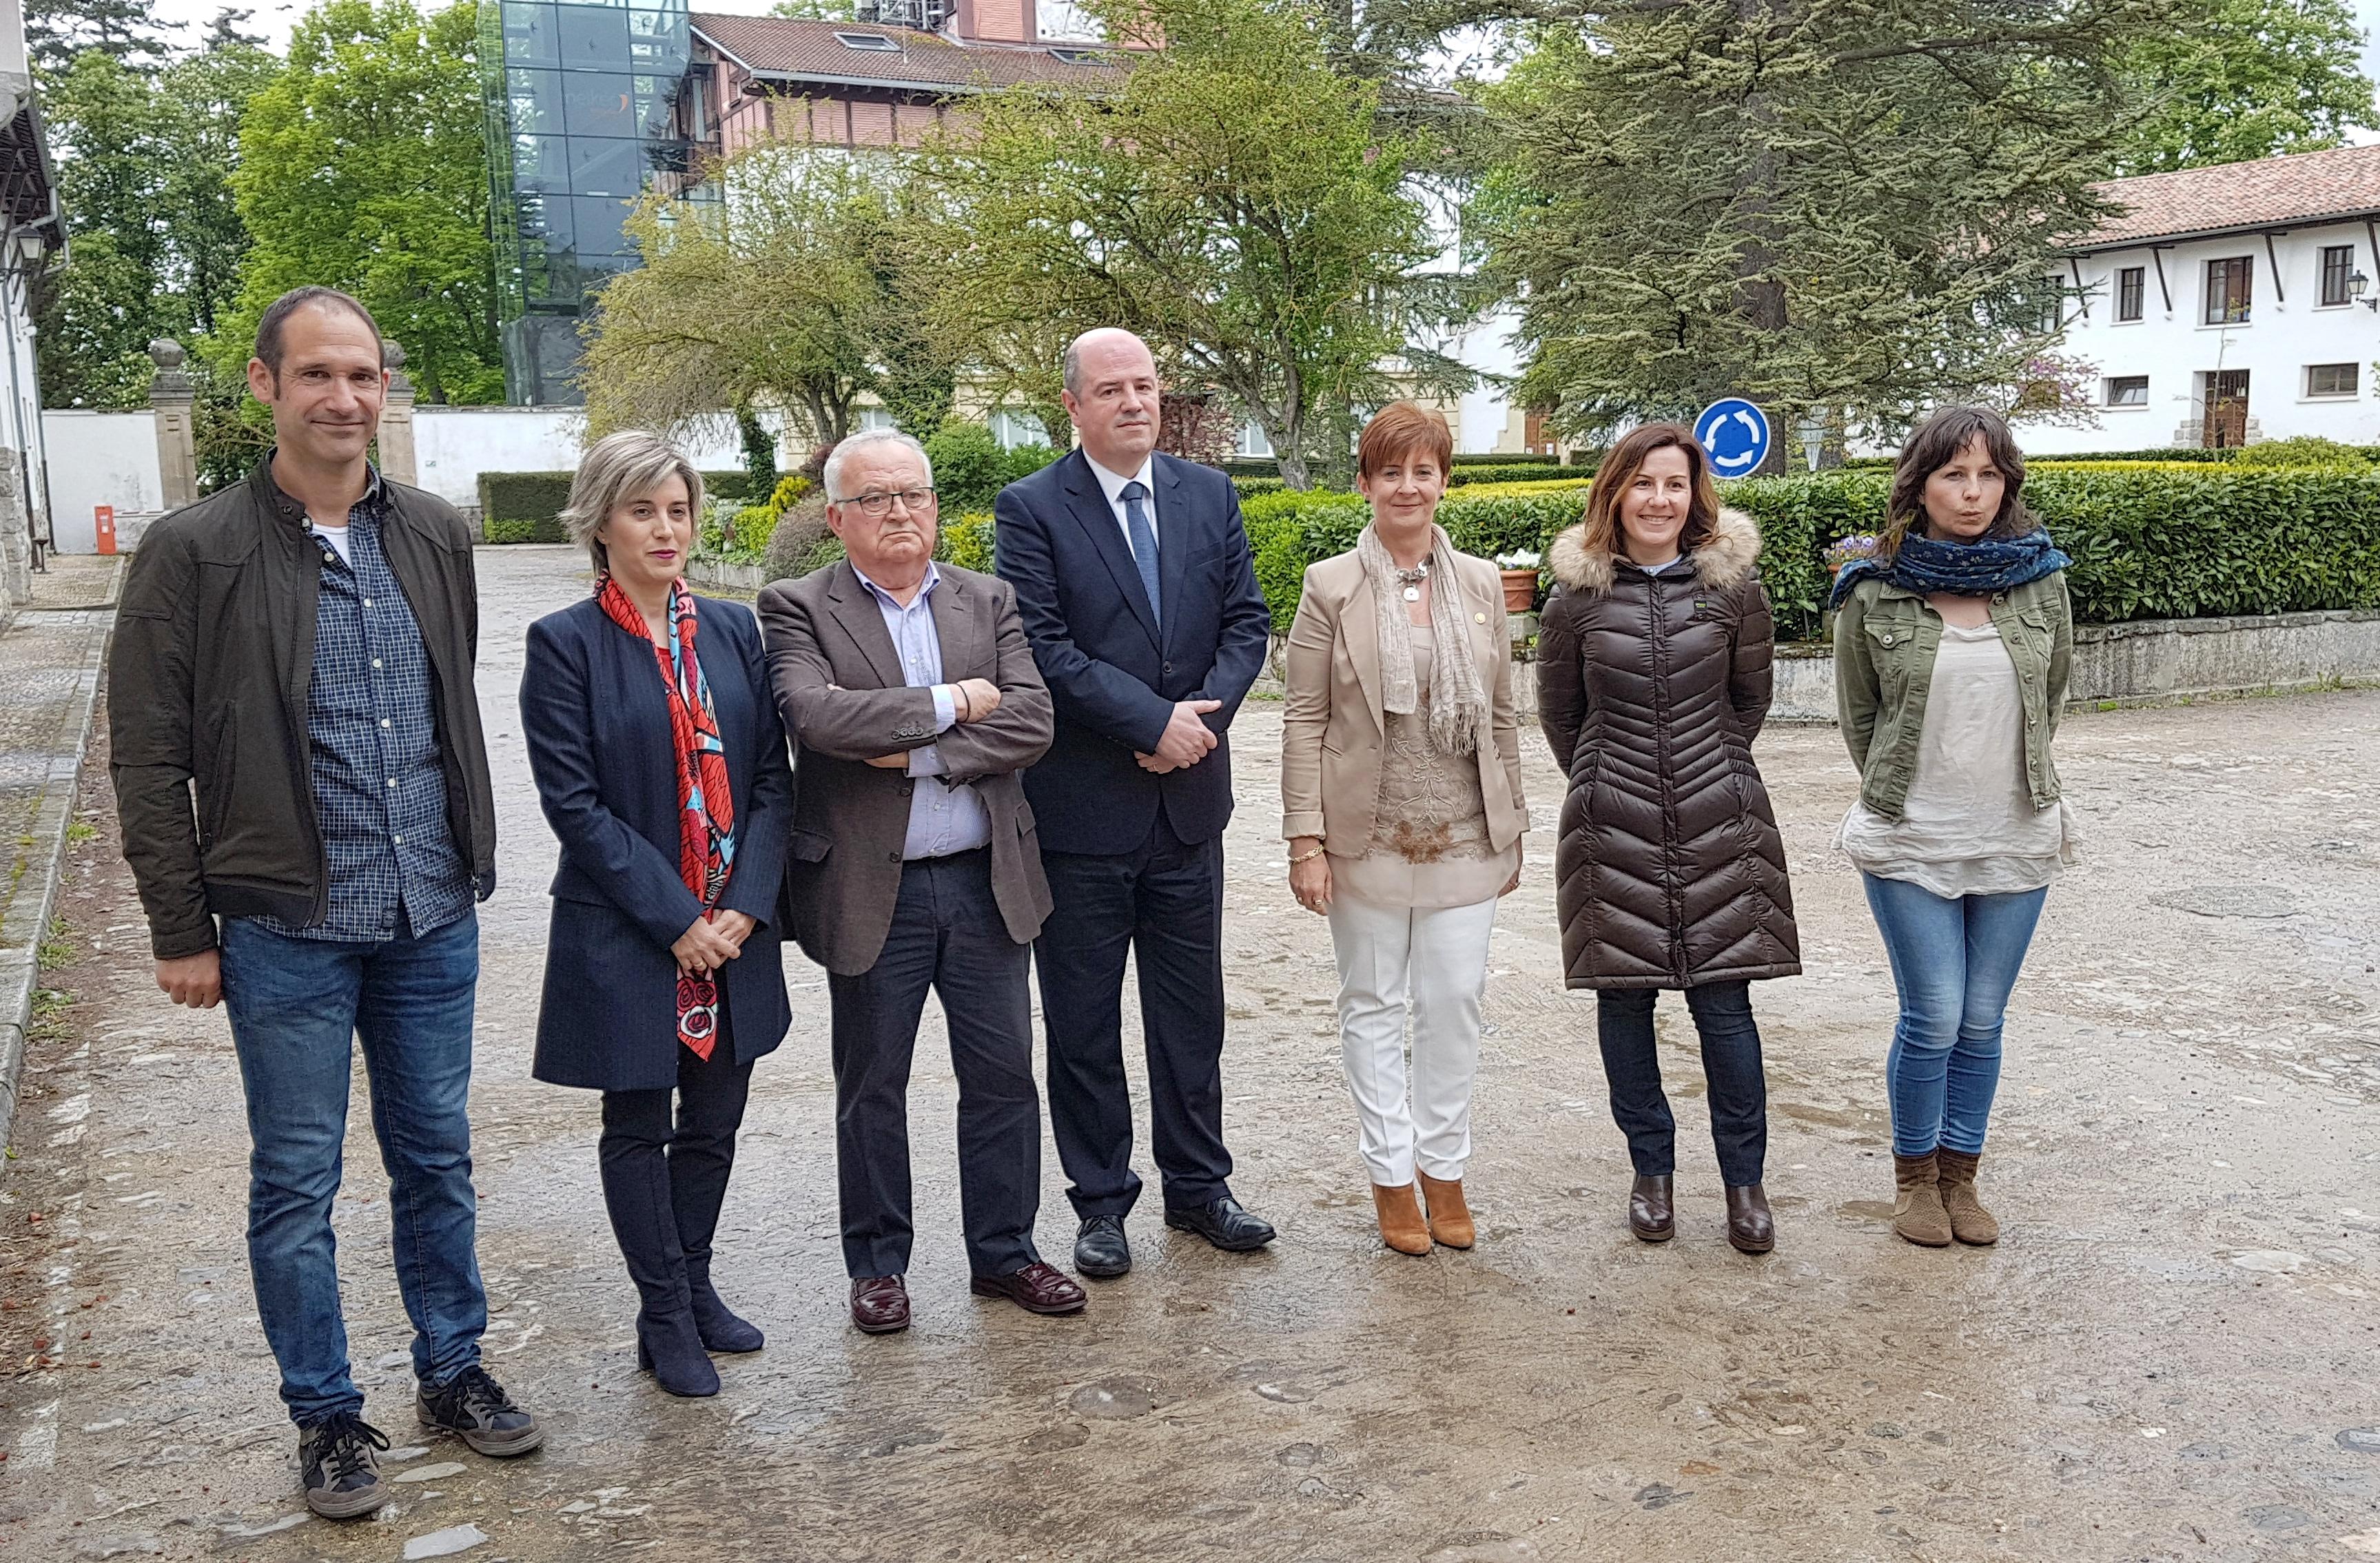 Eusko Jaurlaritza 340 proiektu gauzatzen ari da landa eta itsasertzaren garapenerako, eta %27 handitu ditu 2018ko laguntza publikoak